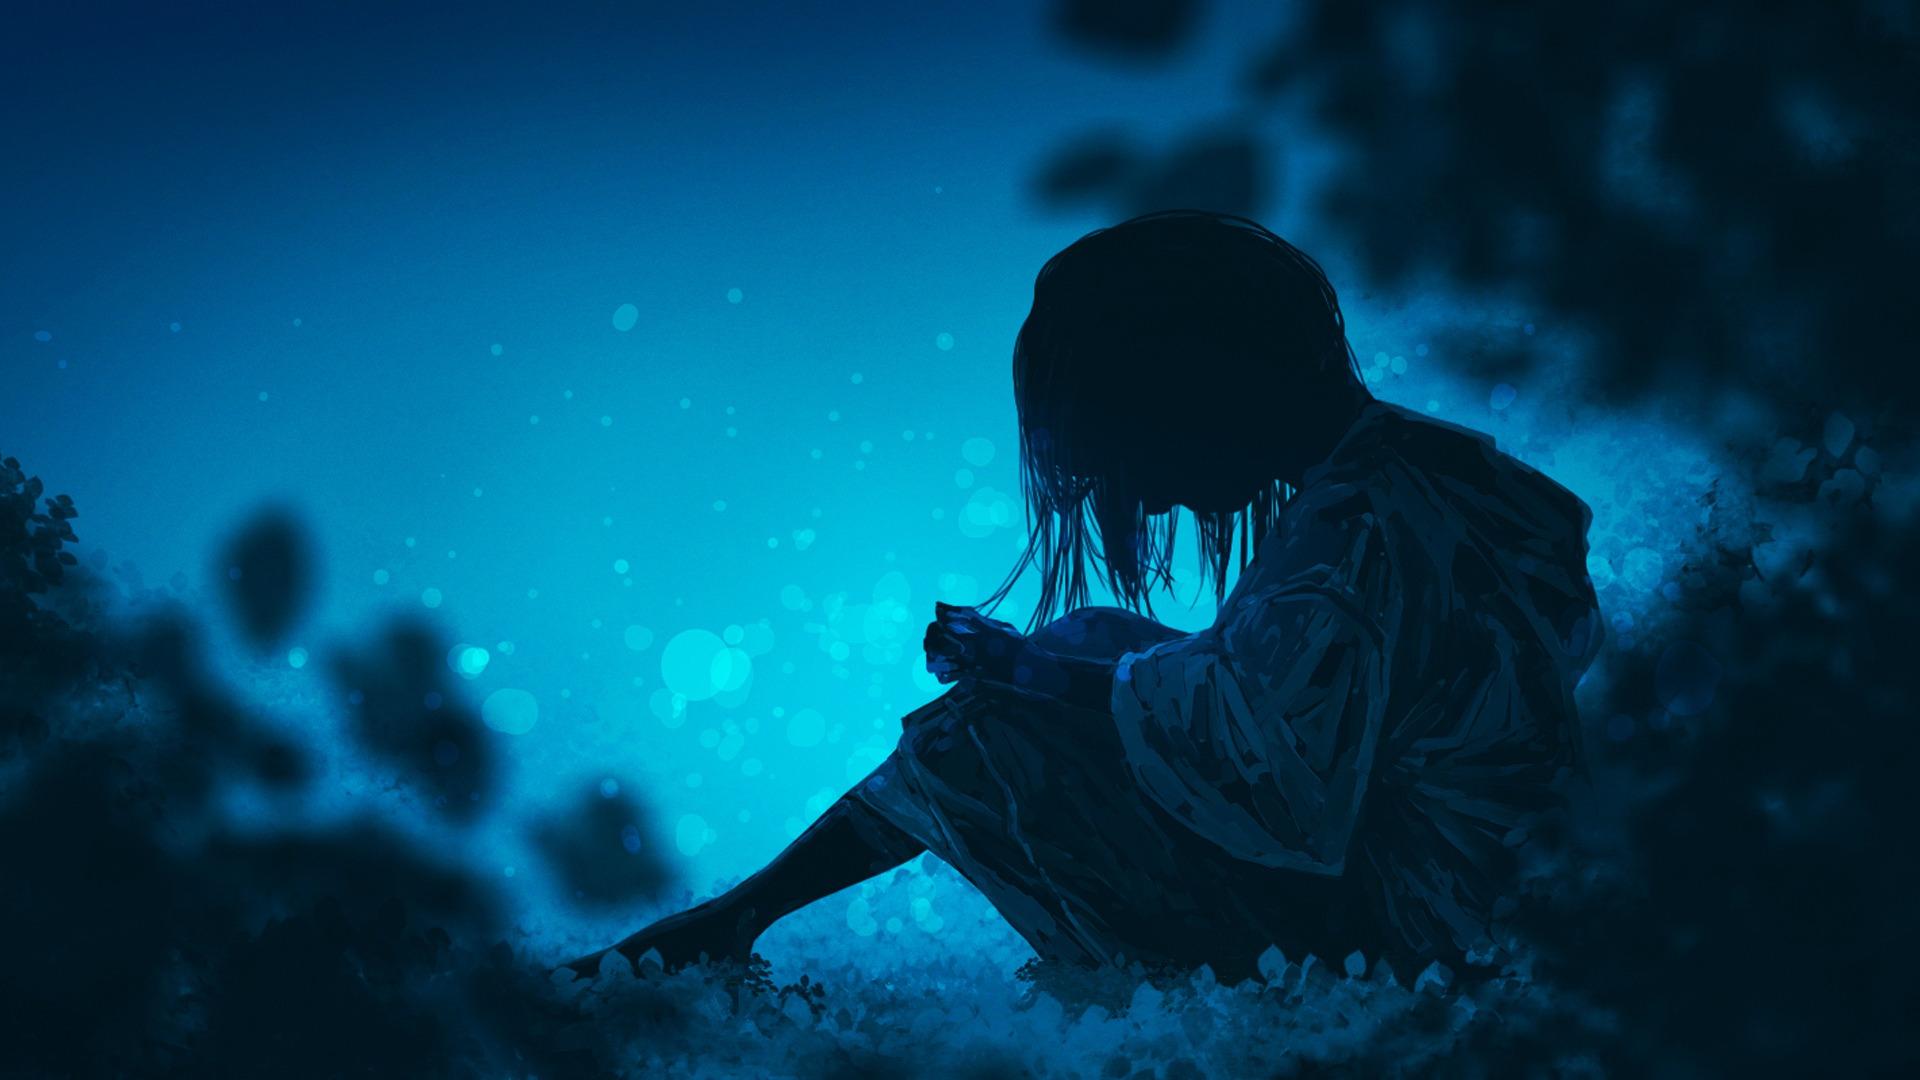 планируешь грустные ночные картинки фундамент